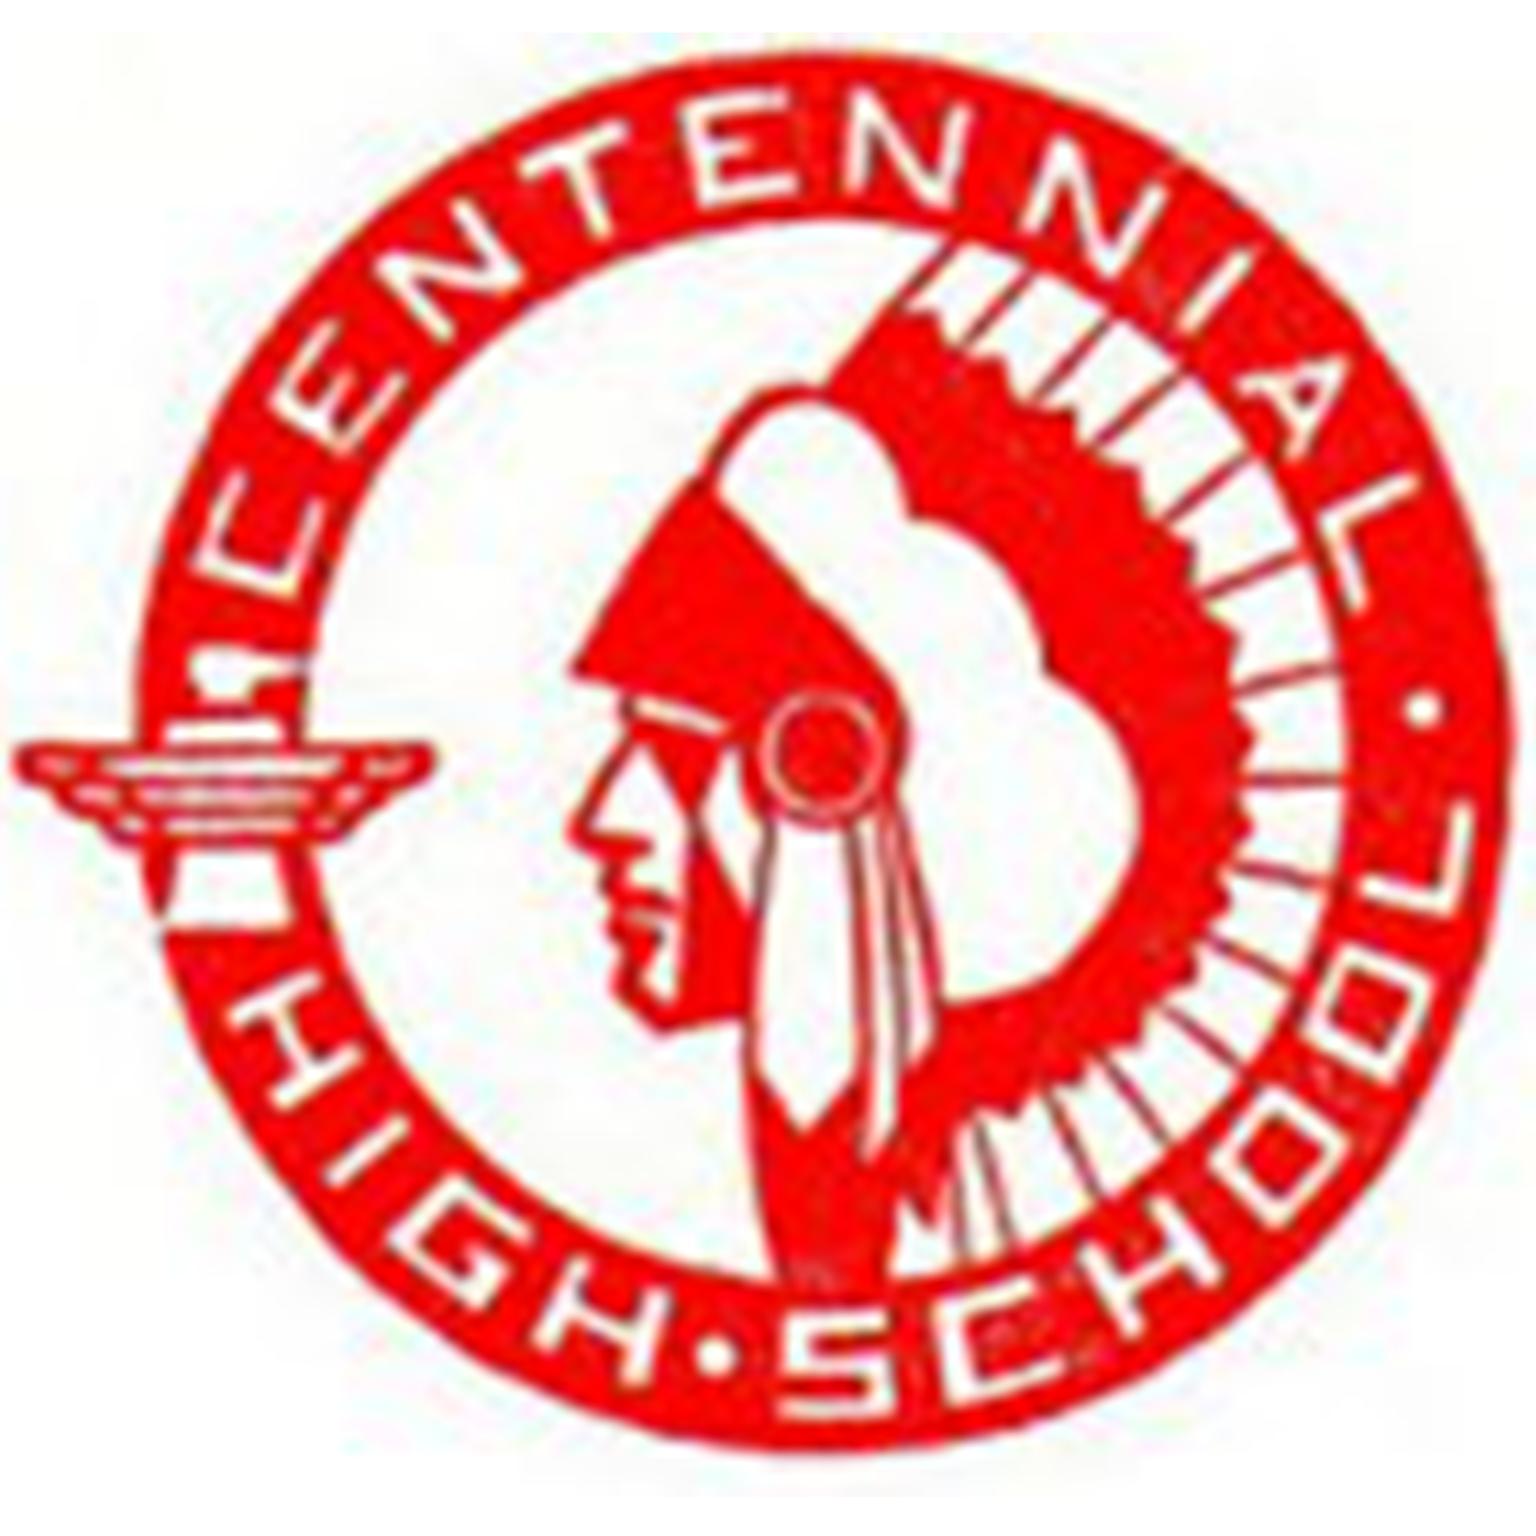 Centennial Apaches